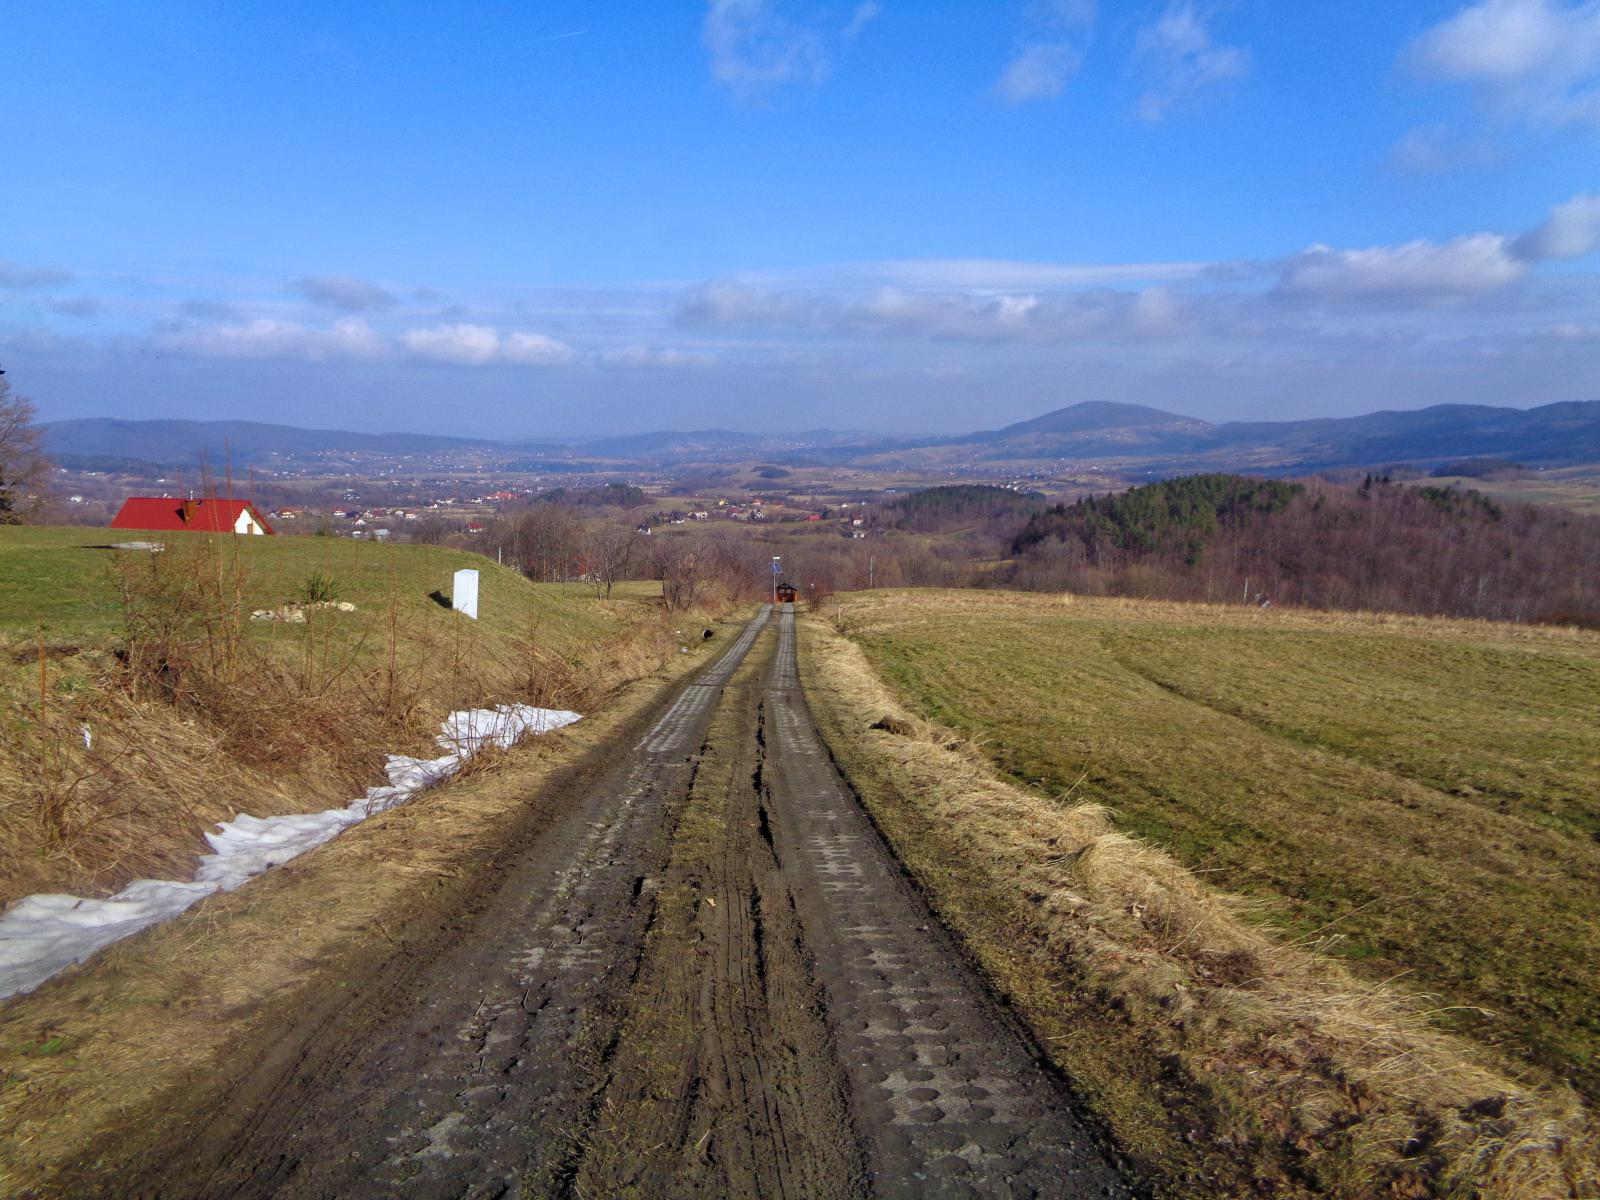 Szlak Lubomir - Wiśniowa